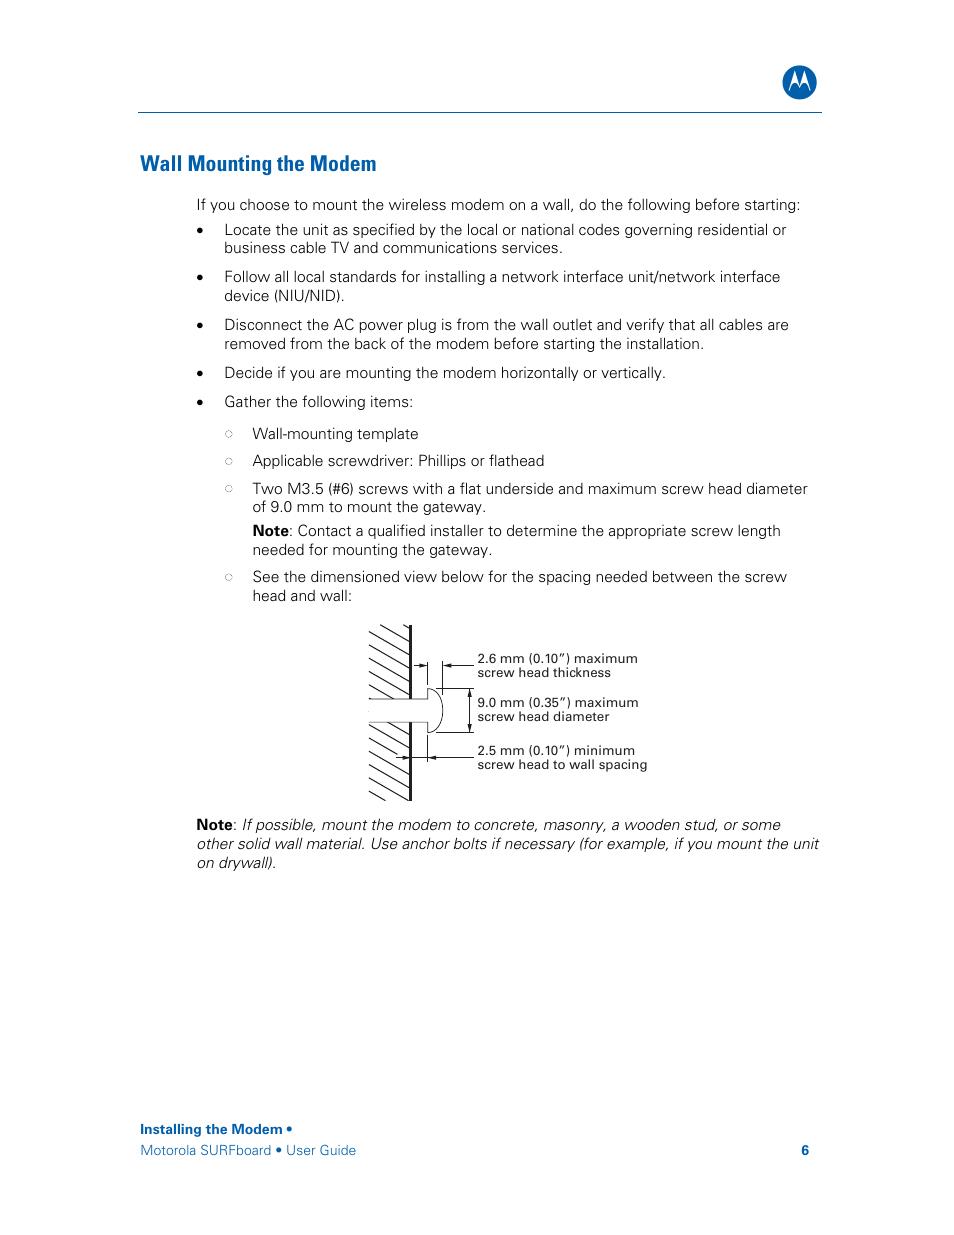 Motorola Surfboard Sbg6580 Series User Manual Manual Guide